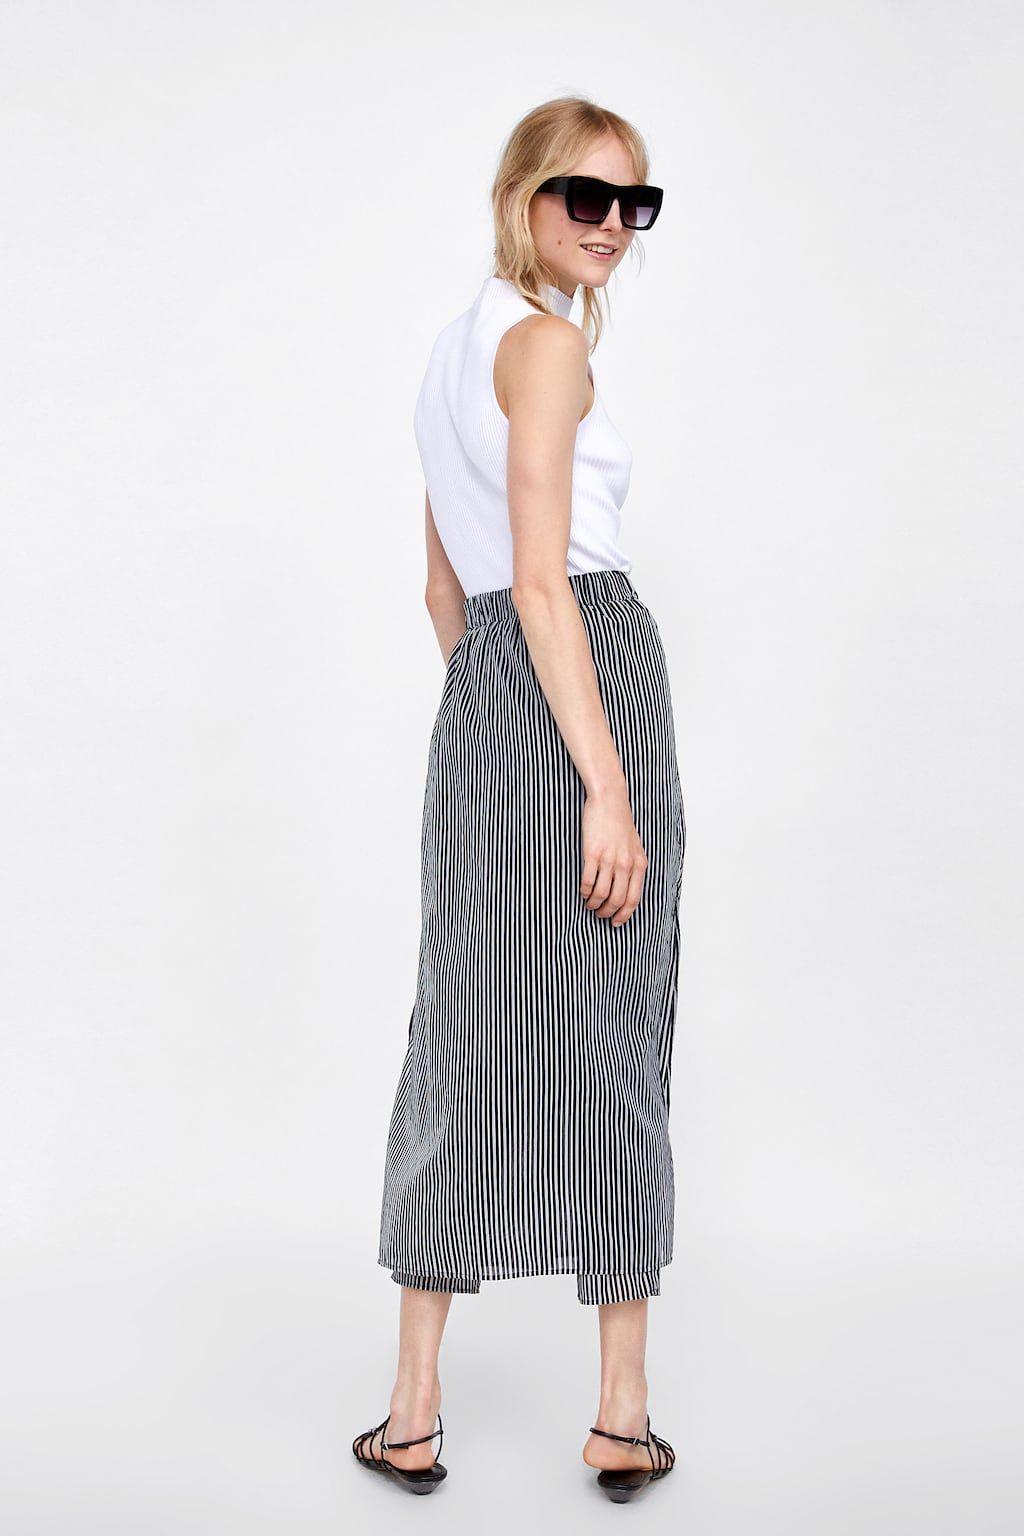 ZaraMy Pantalone Righe 7 Gonna Immagine Di A Pareo Style CxdBore